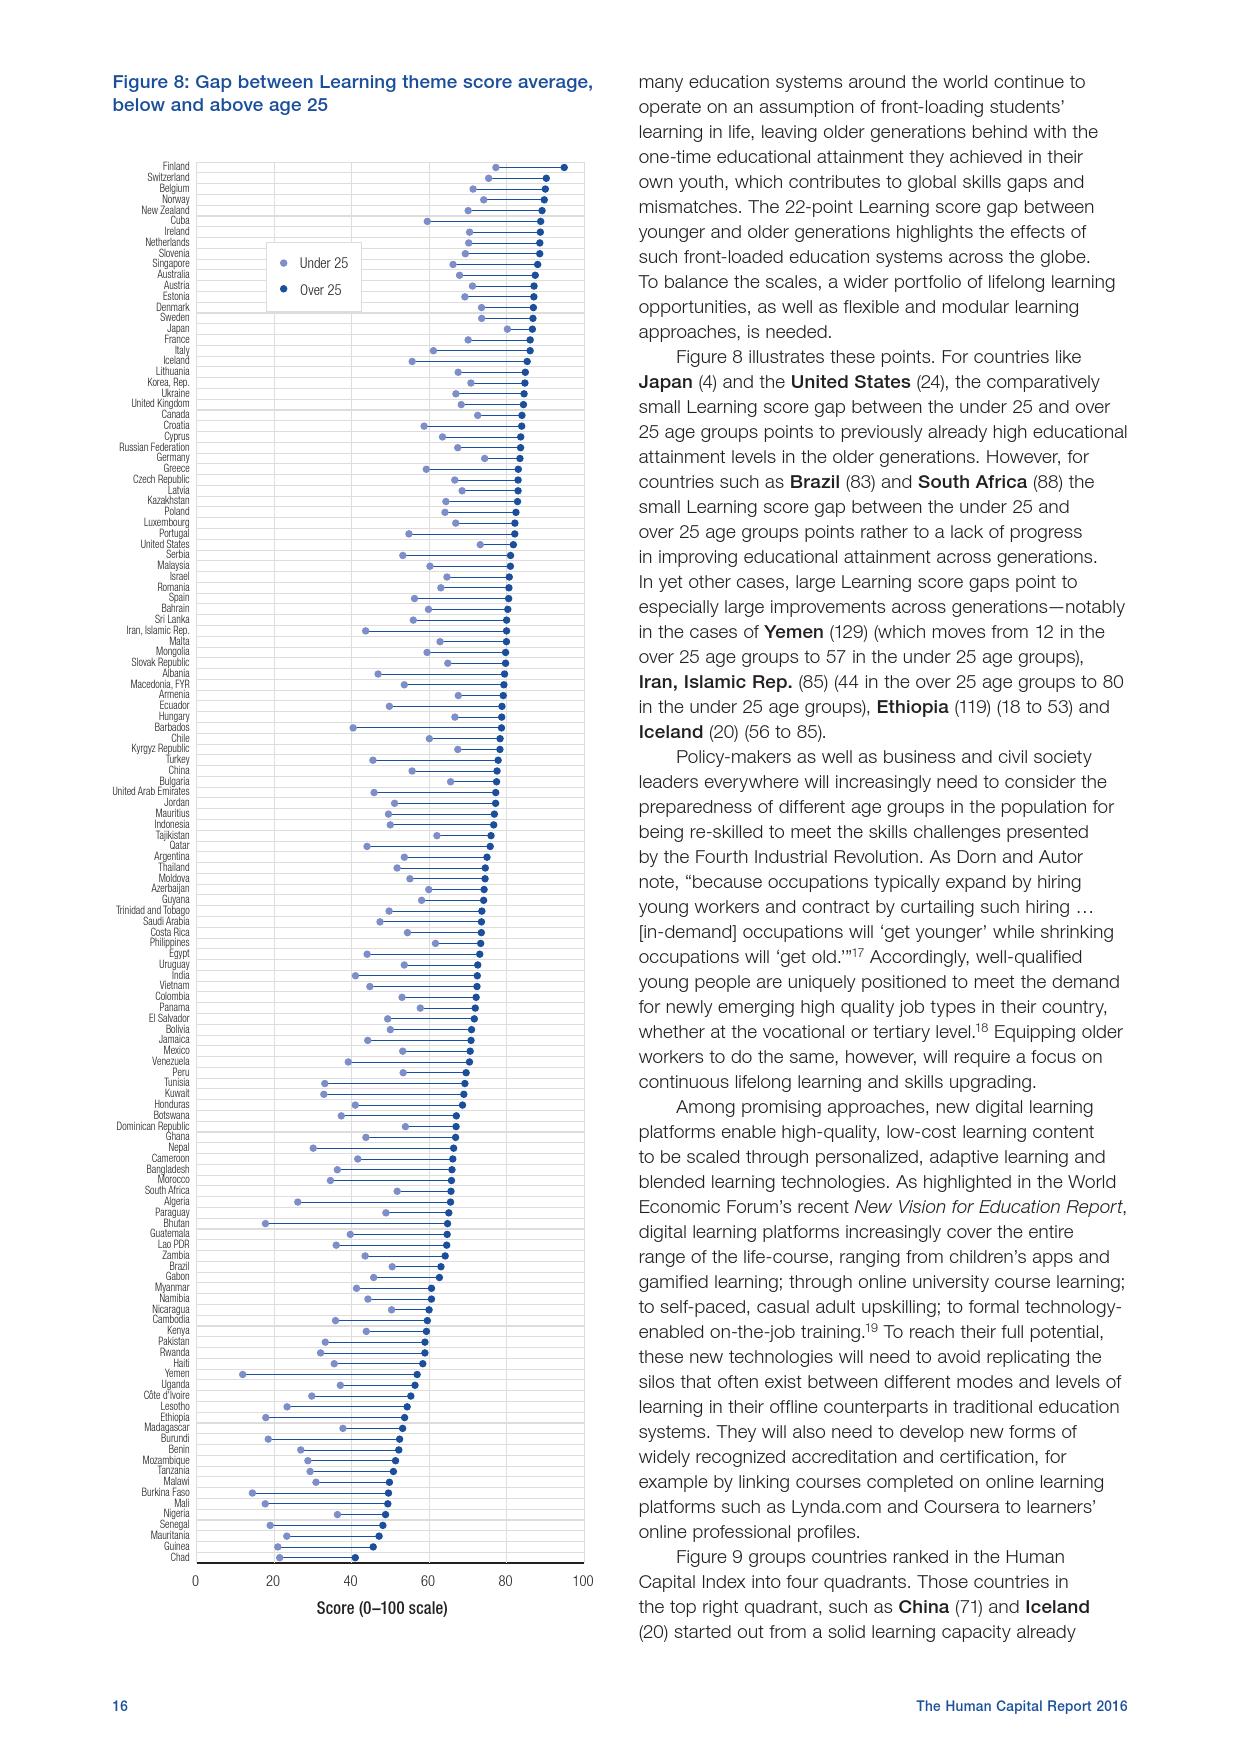 2016全球人力资本报告_000024